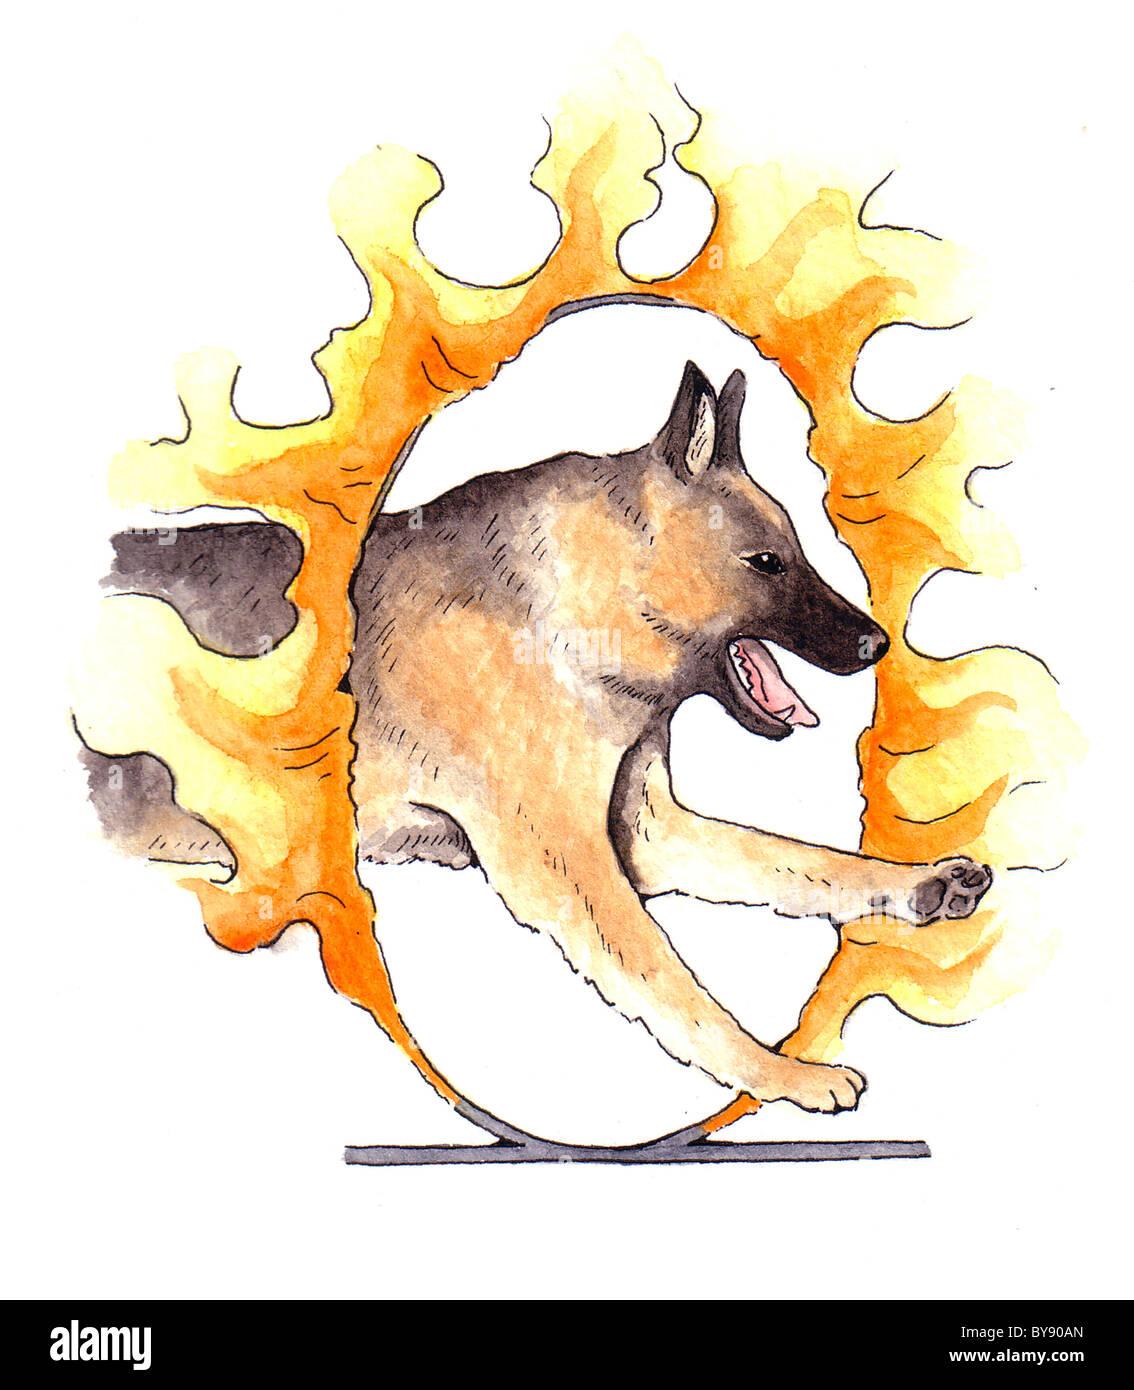 German shepherd jumping through ring of fire - Stock Image